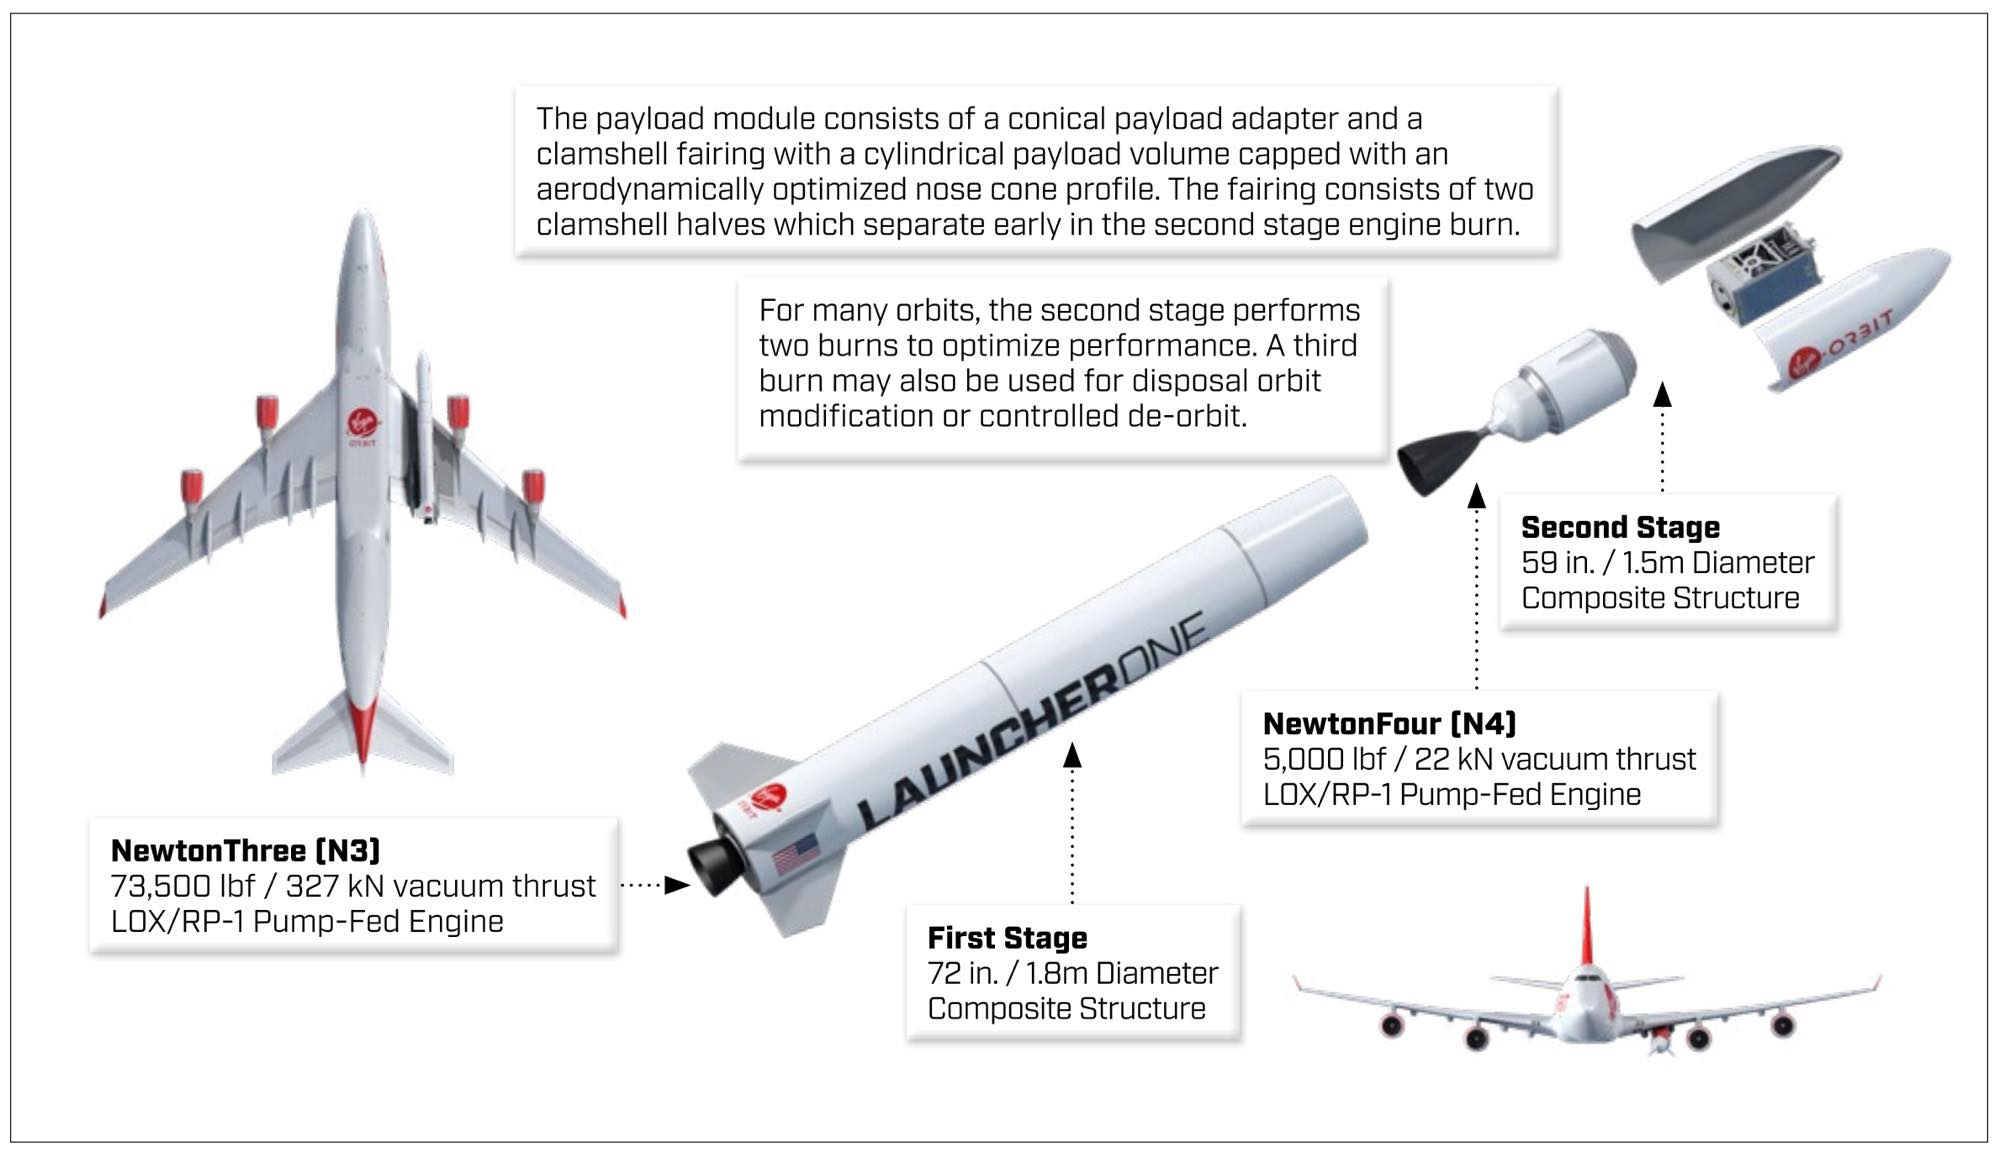 大分空港がアジア初の水平型宇宙港に!Virgin Orbitと大分県が提携し2022年打ち上げへ | Re-urbanization -再都市化-